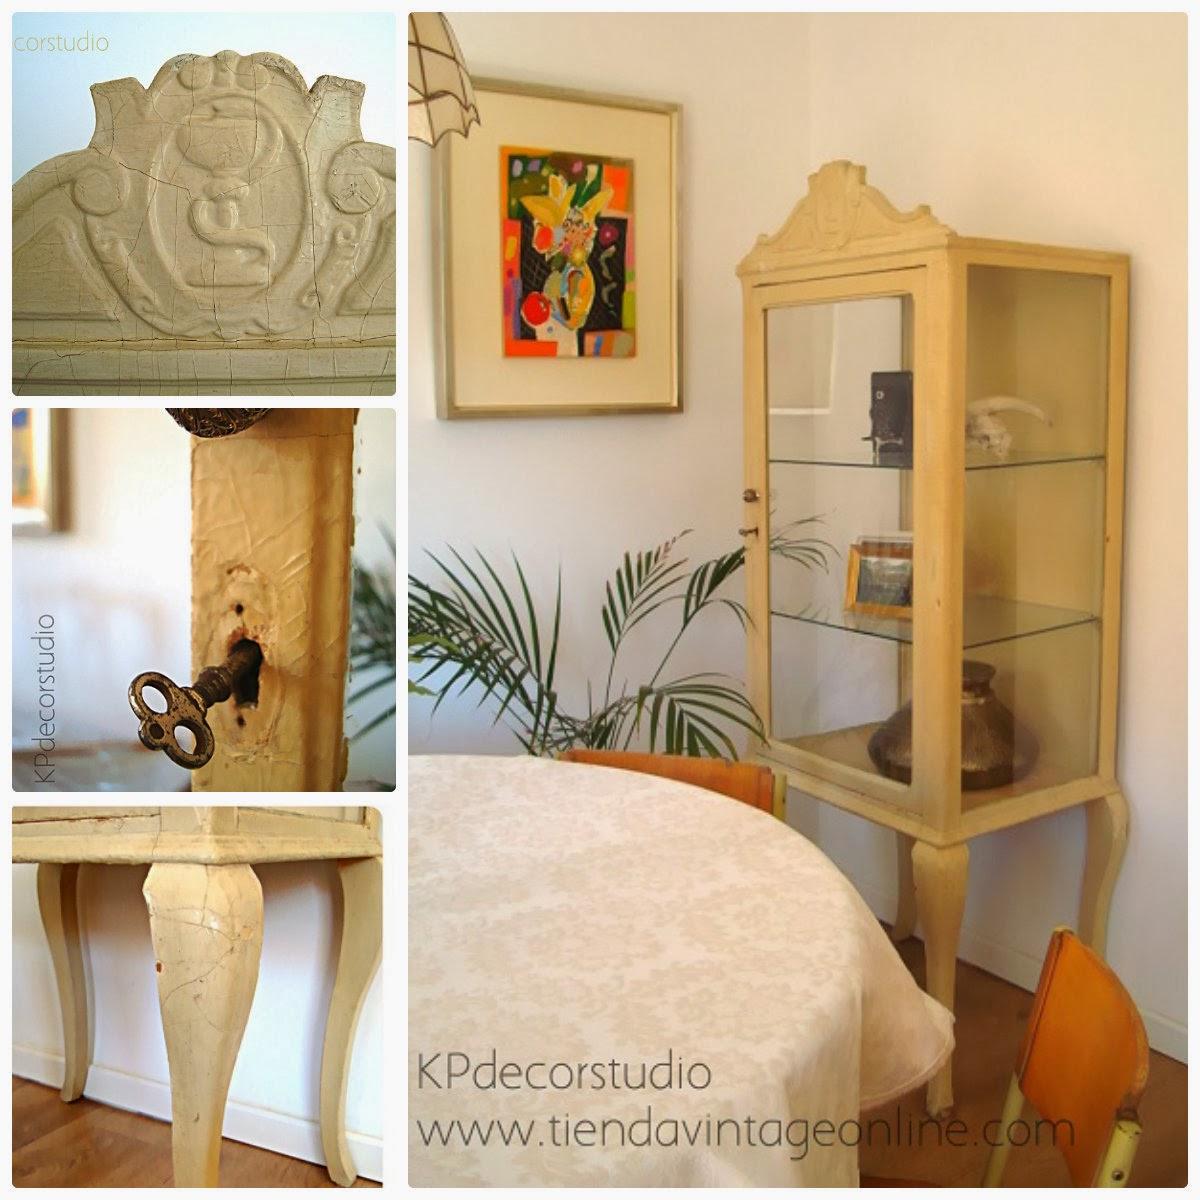 Kp tienda vintage online armarios y muebles vintage for Muebles retro online